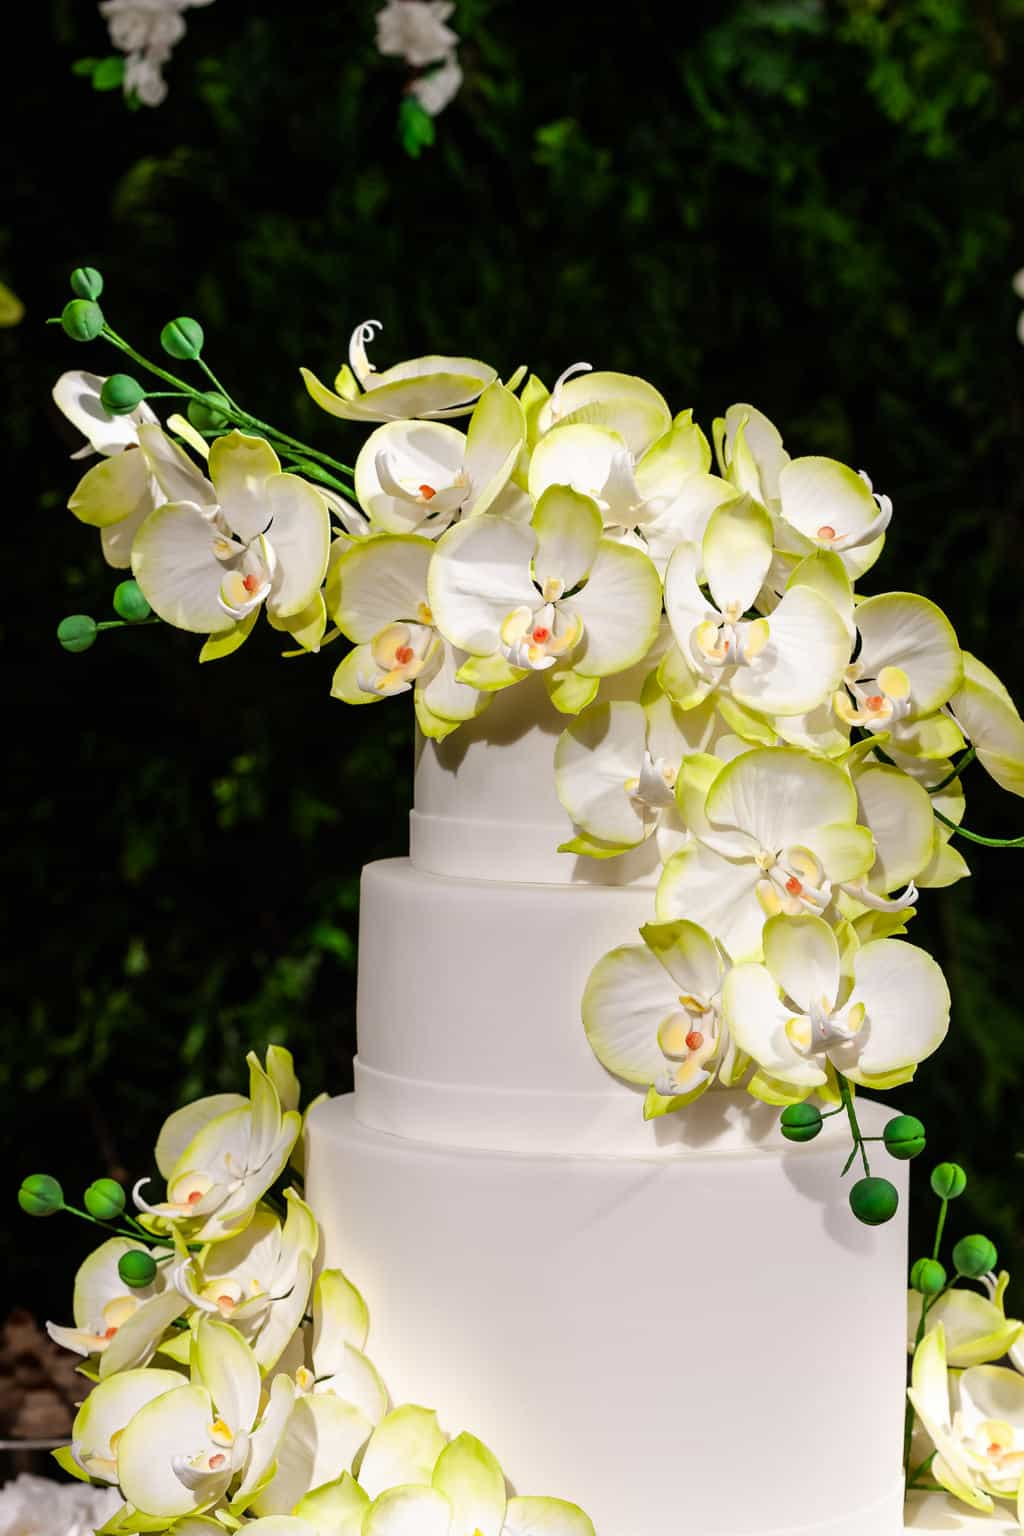 casamento-clássicocasamento-tradicional-casamento-stephanie-e-daniel-Fotografia-V-Rebel-51